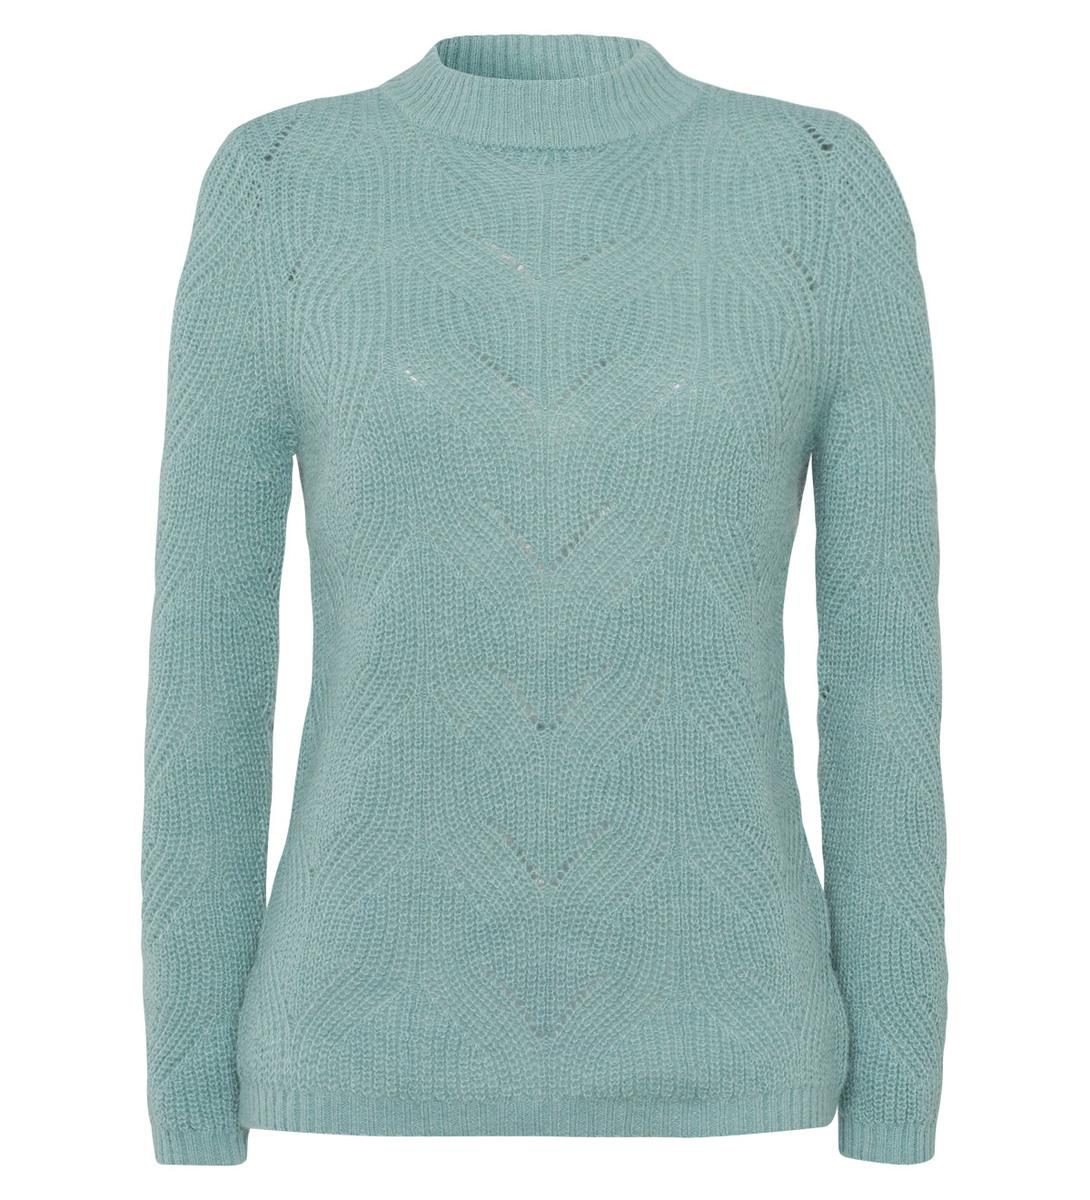 Pullover mit Strickmuster in light jade